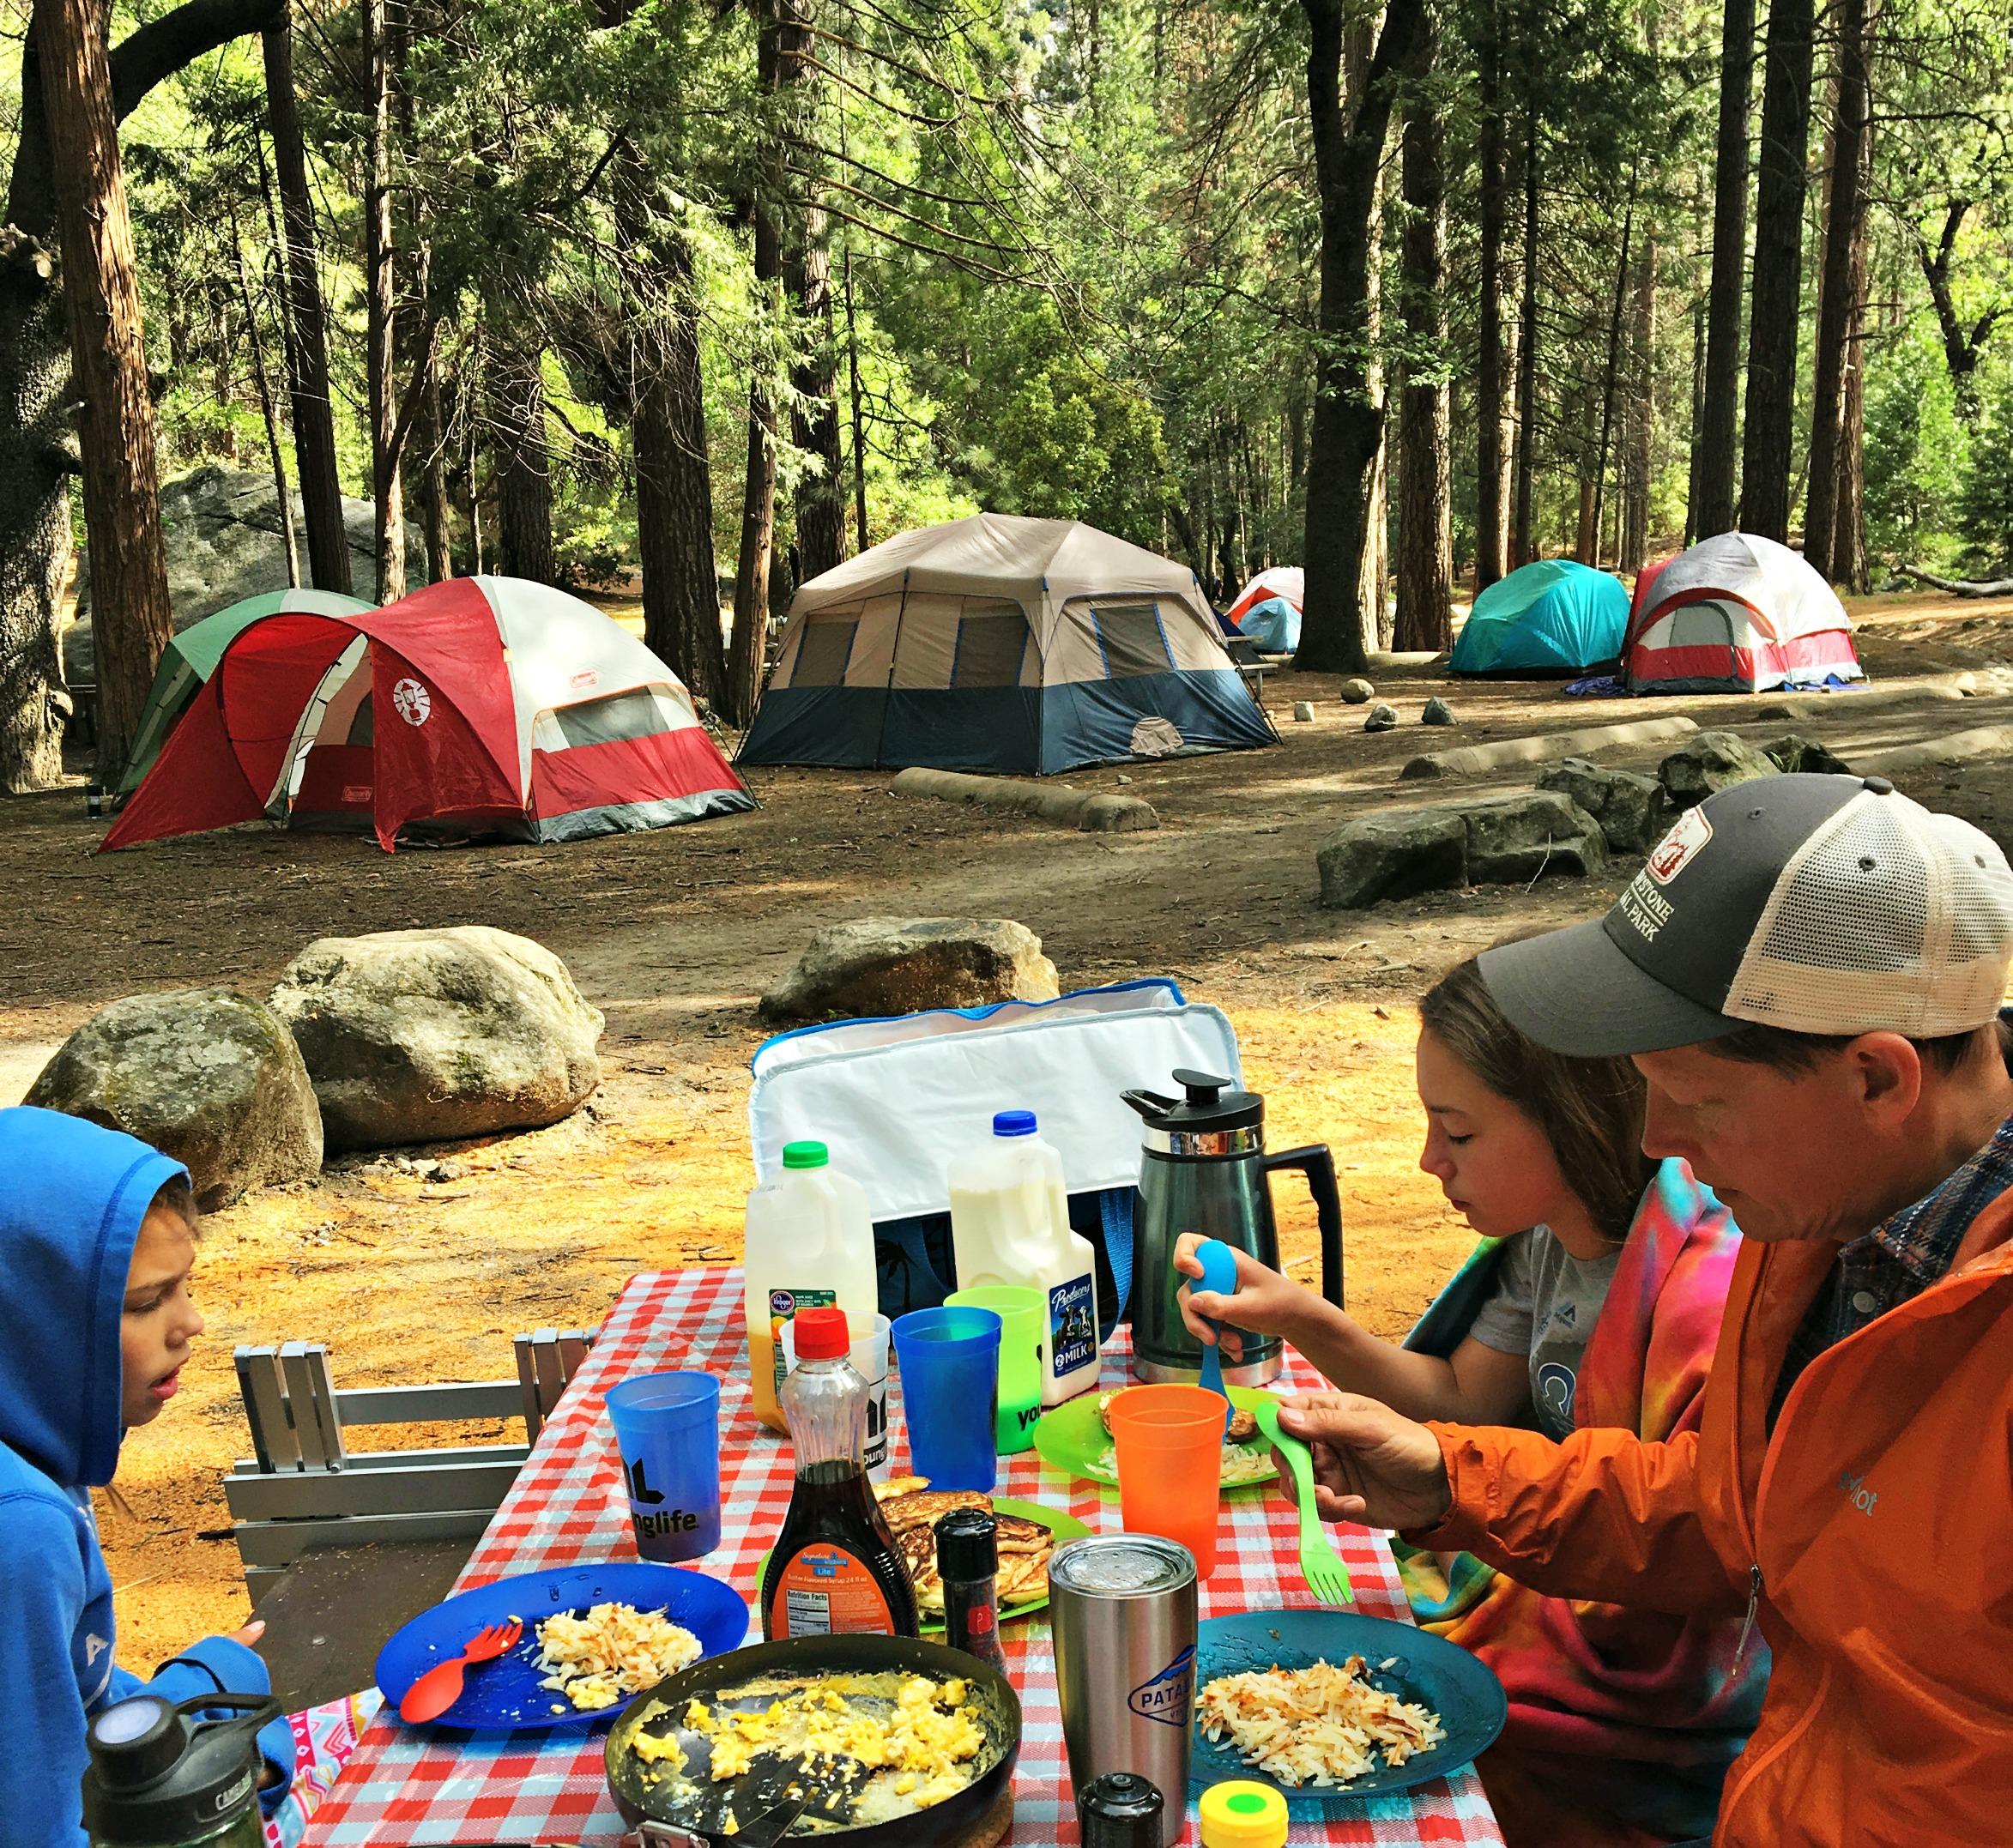 yosemite-camping-california-road-trip